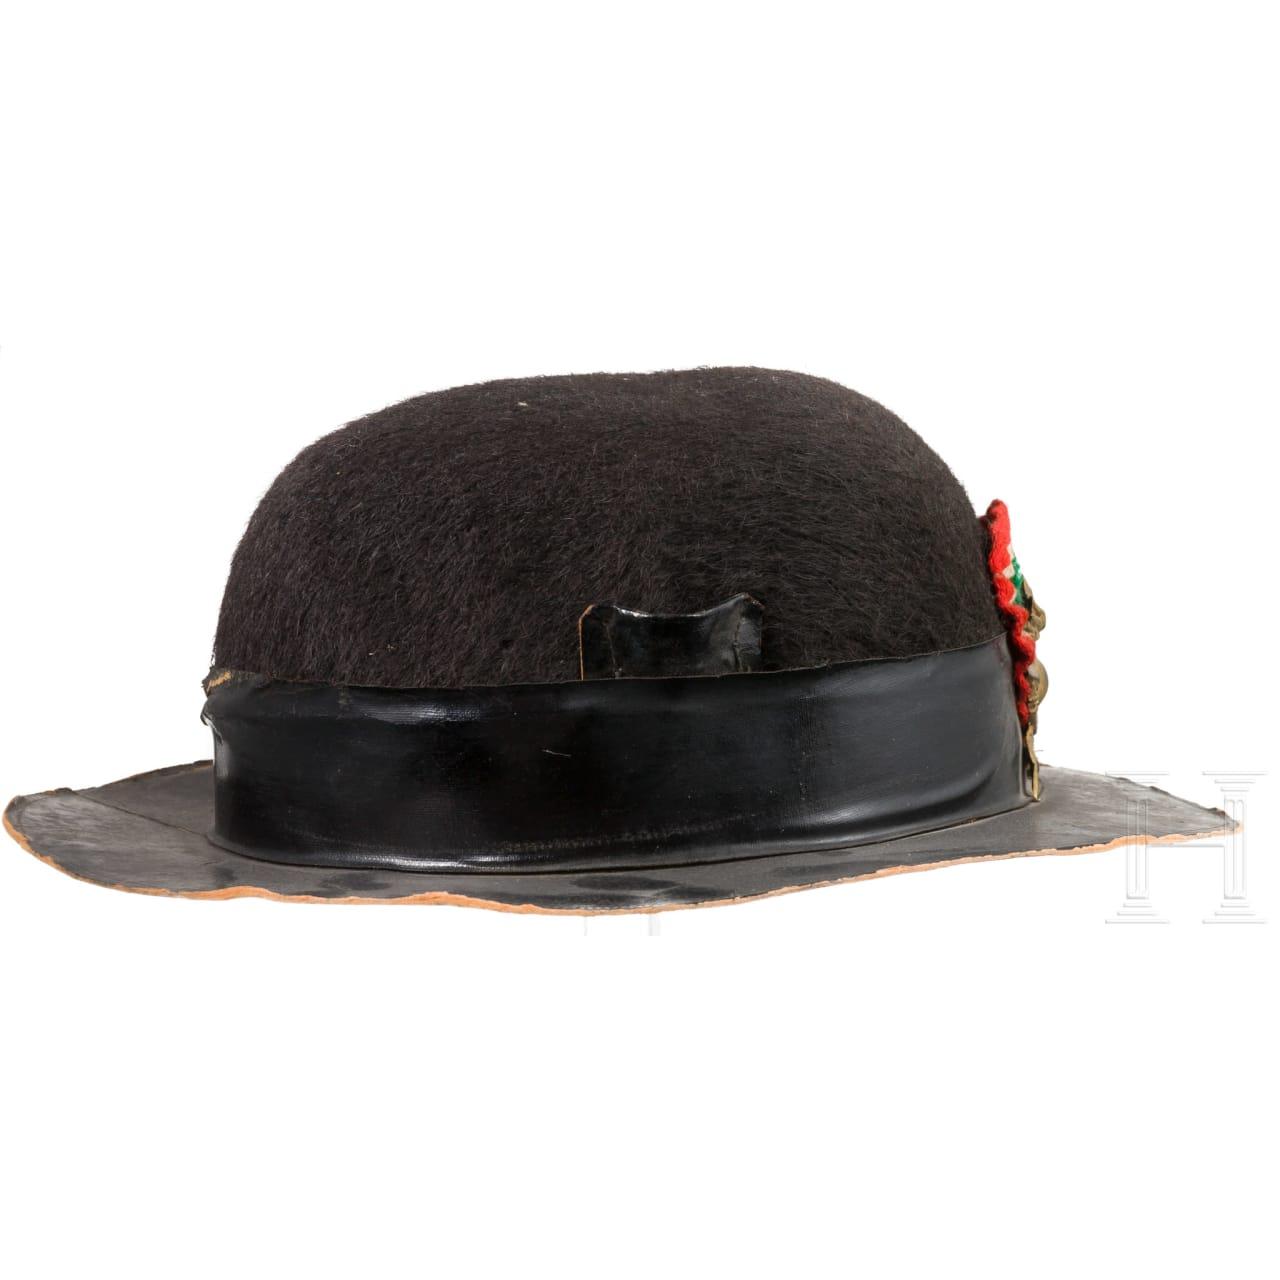 Zwei fragmentarische Hüte für Bersaglieri, 20. Jhdt.